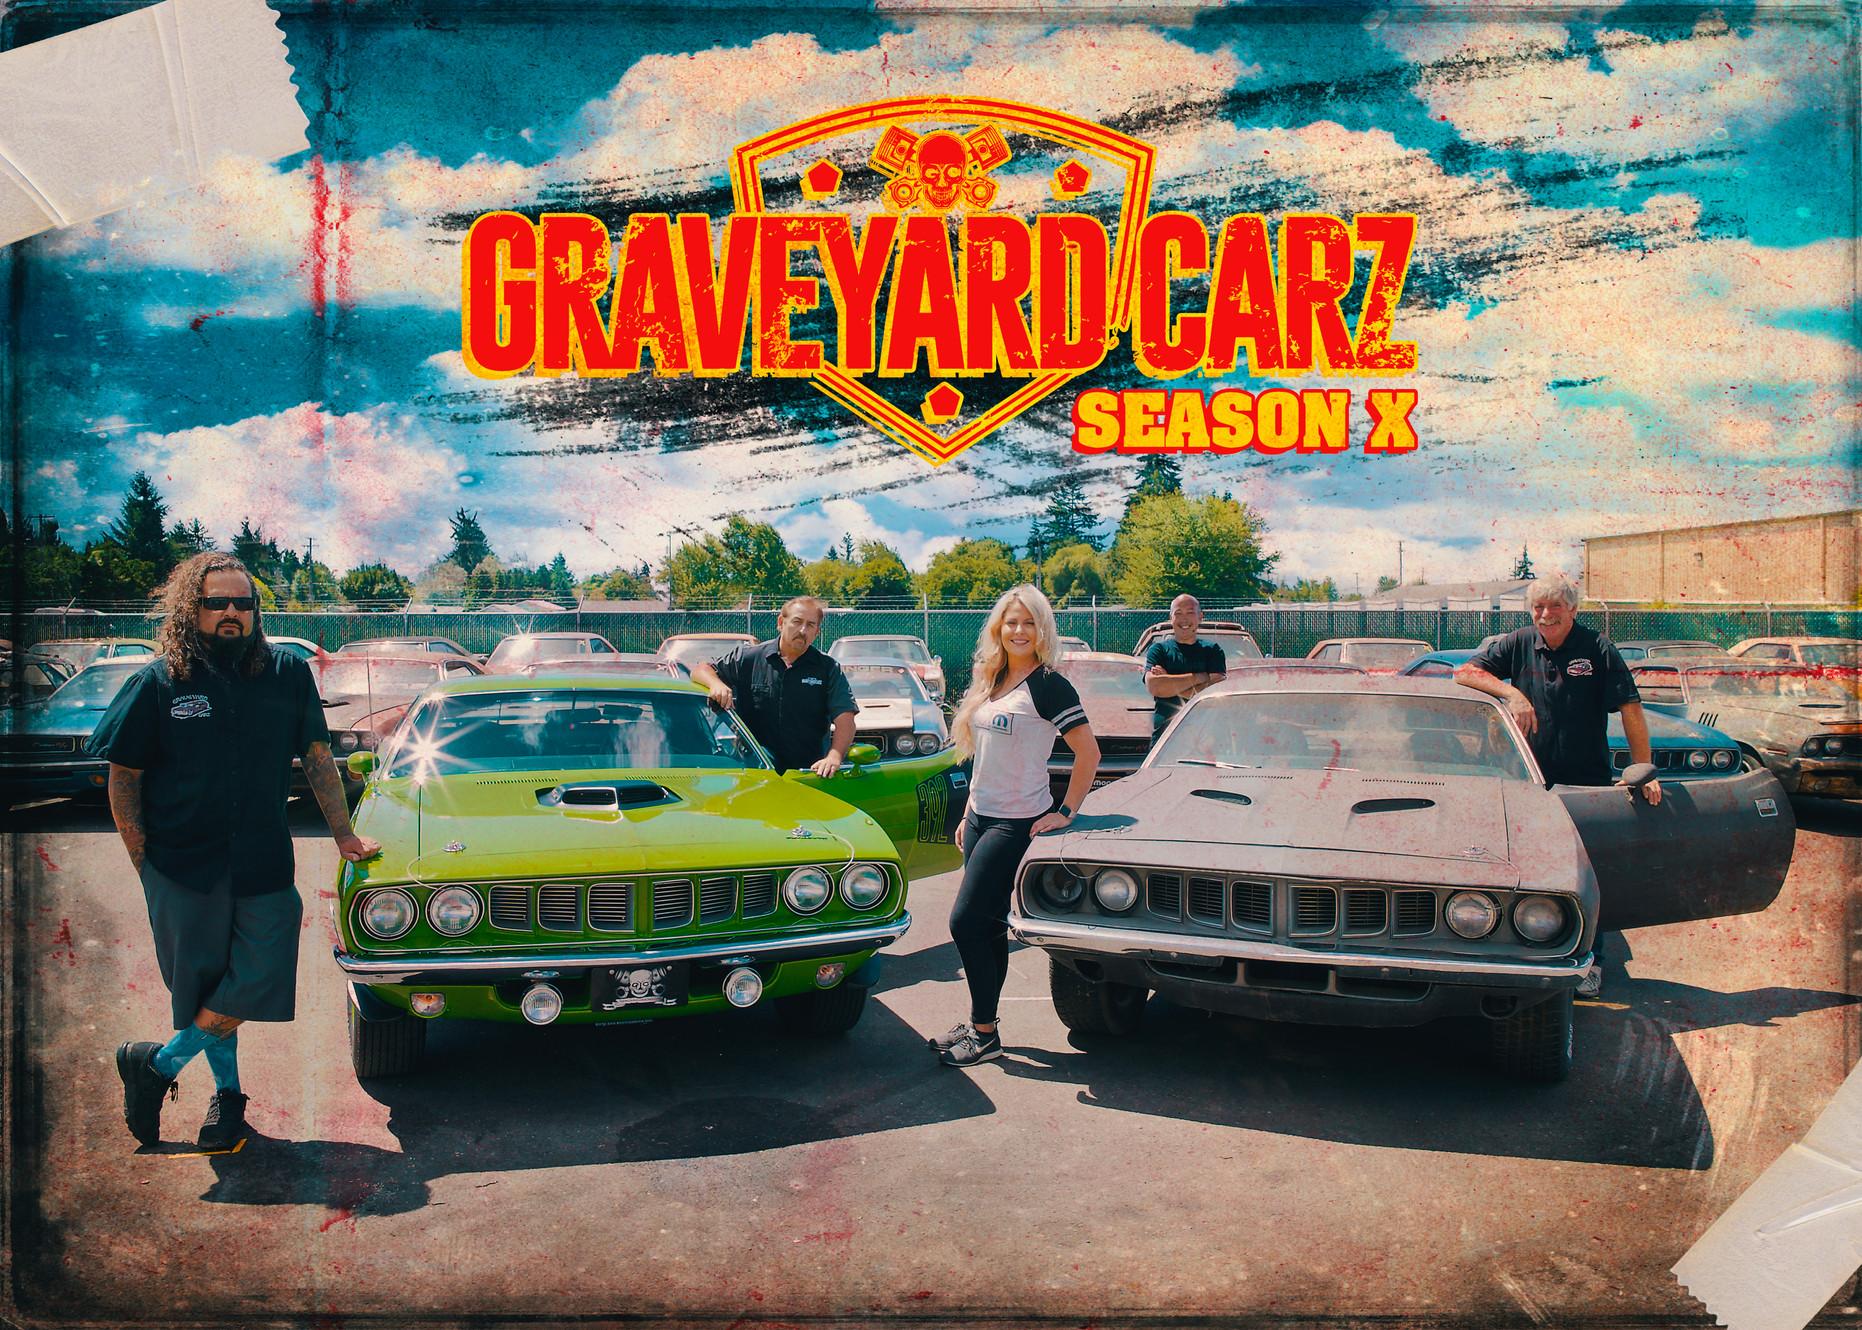 www.graveyardcarz.com